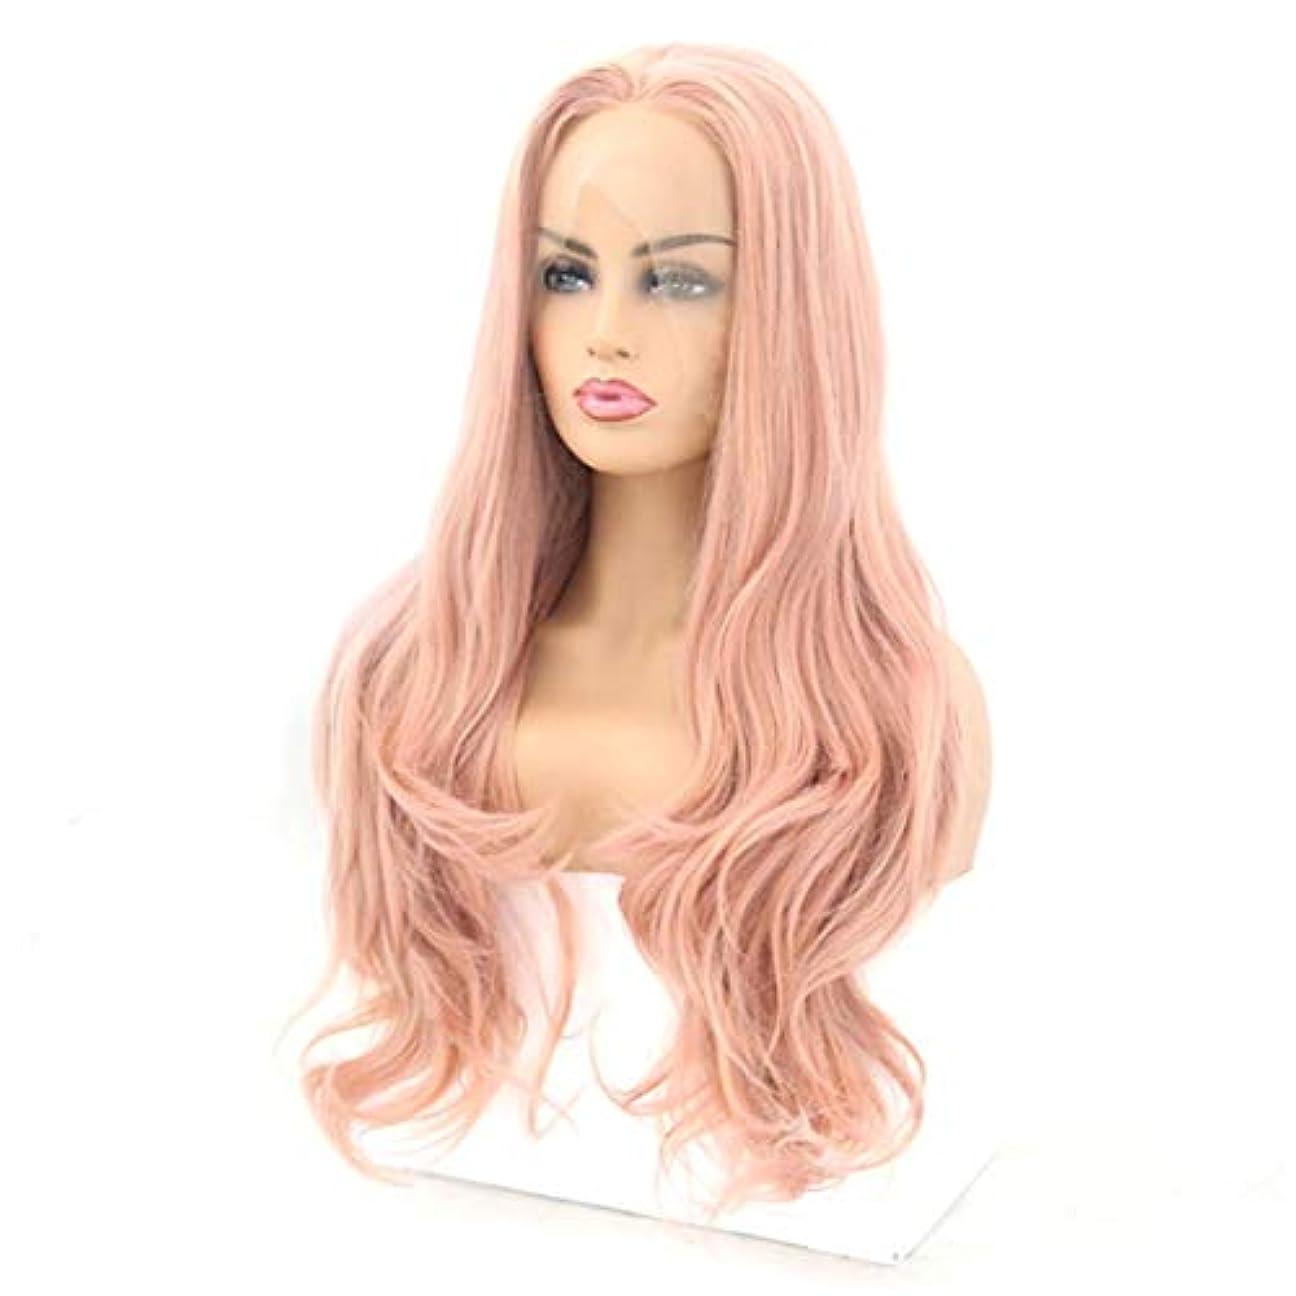 裸なぜ東Kerwinner フロントレースかつら長い巻き毛のかつら合成のカラフルなコスプレ日常パーティーかつら本物の髪として自然な女性のためのかつら